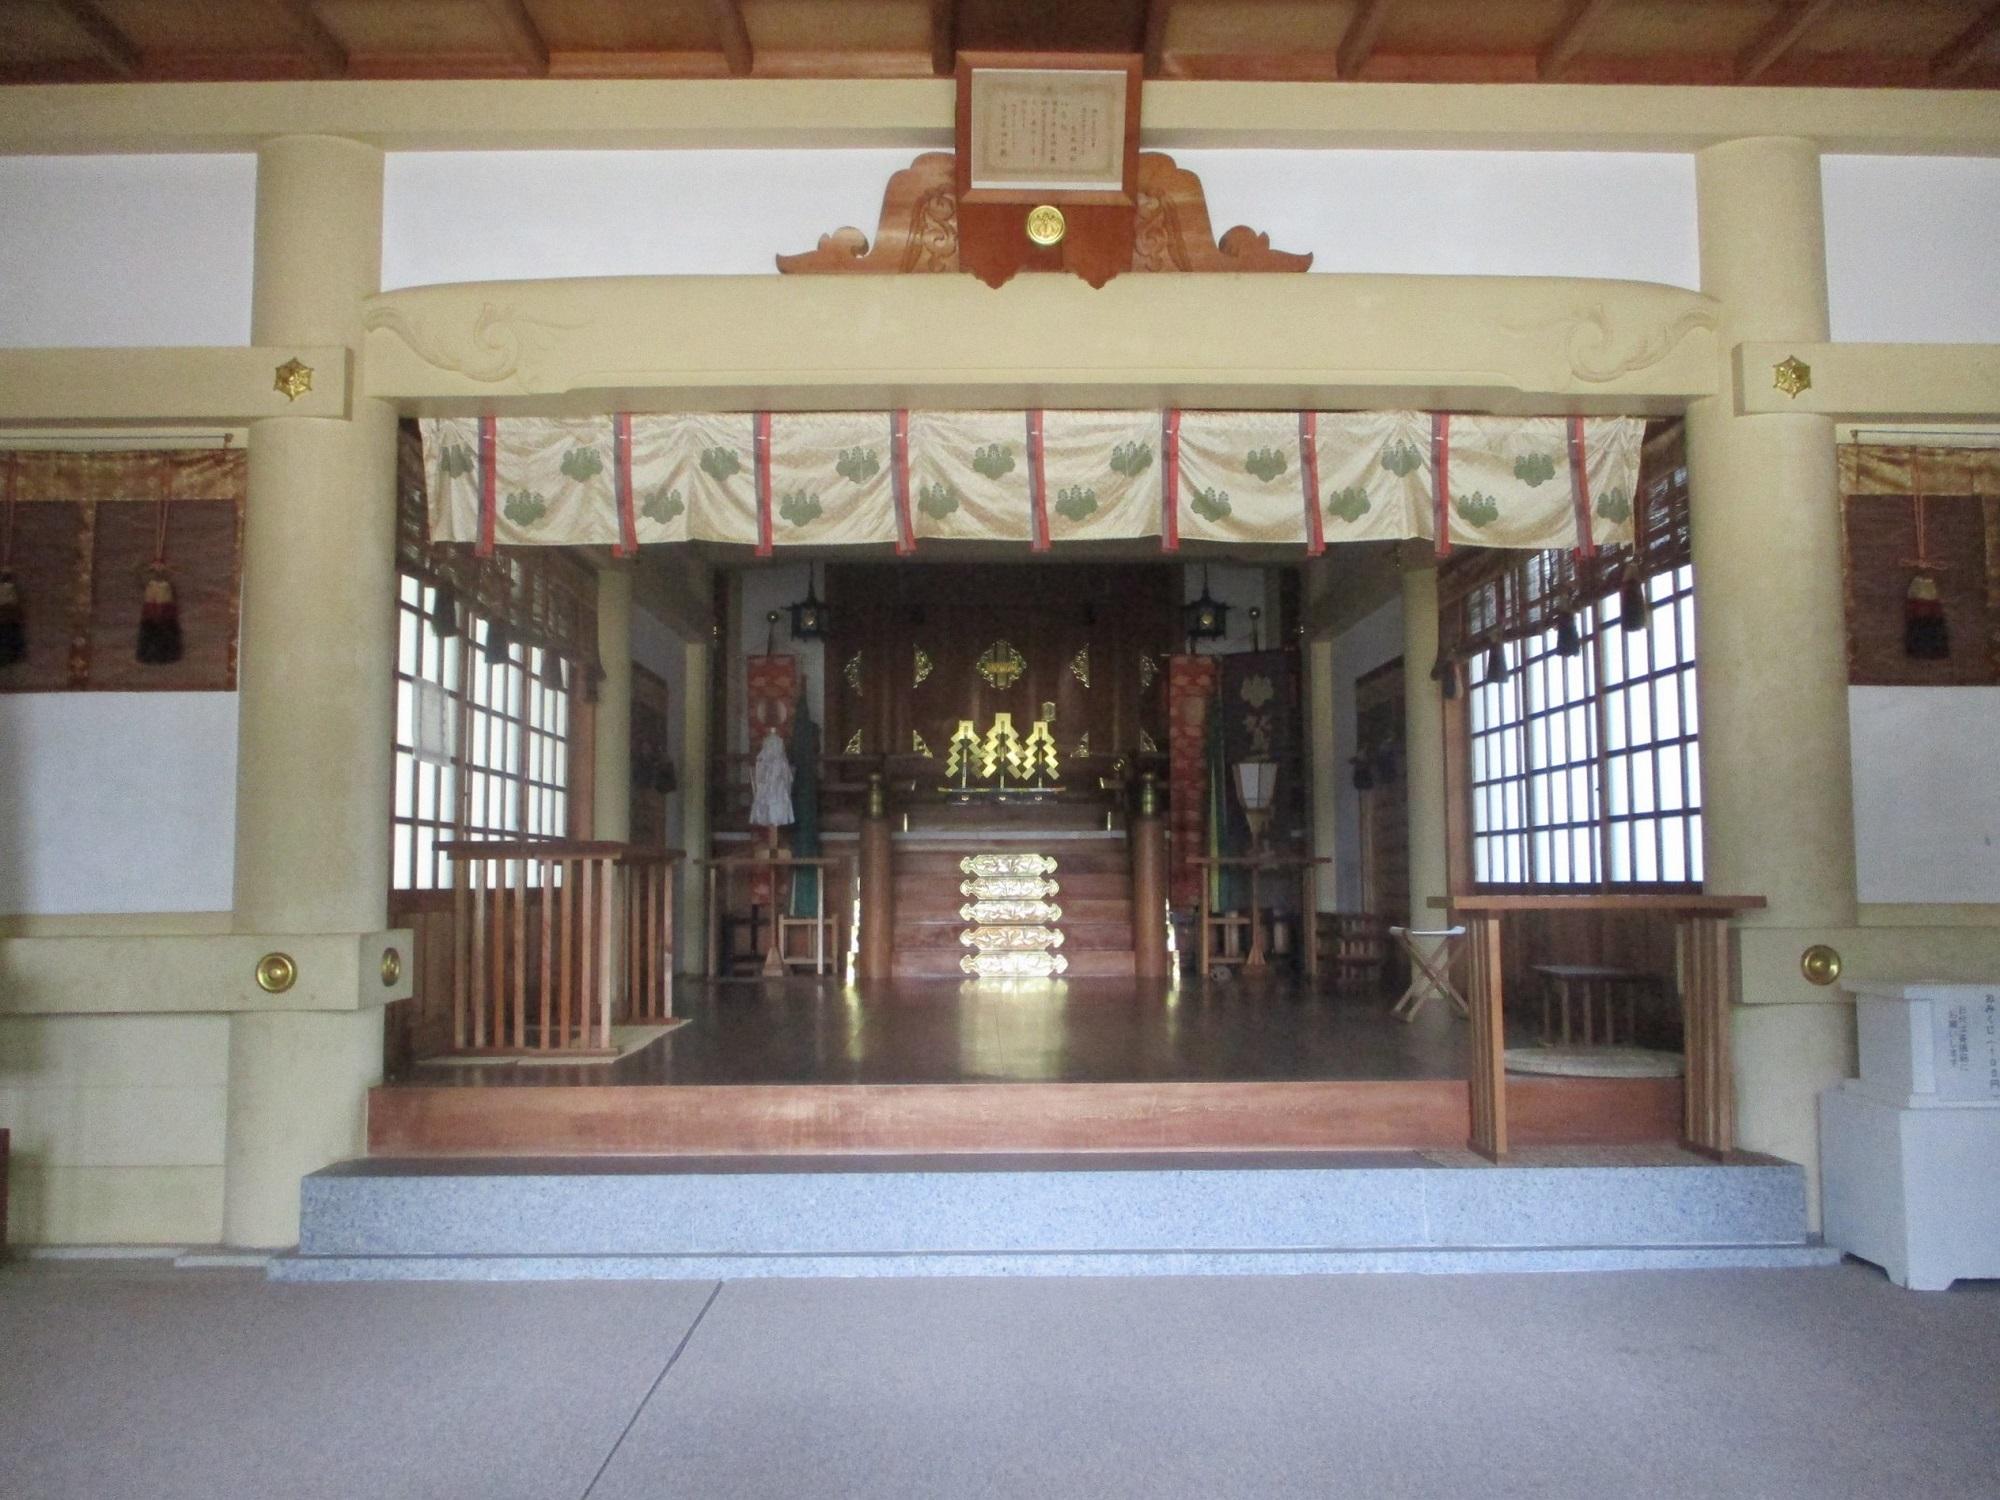 2020.5.27 (22) 鷲取神社 - 拝殿 2000-1500